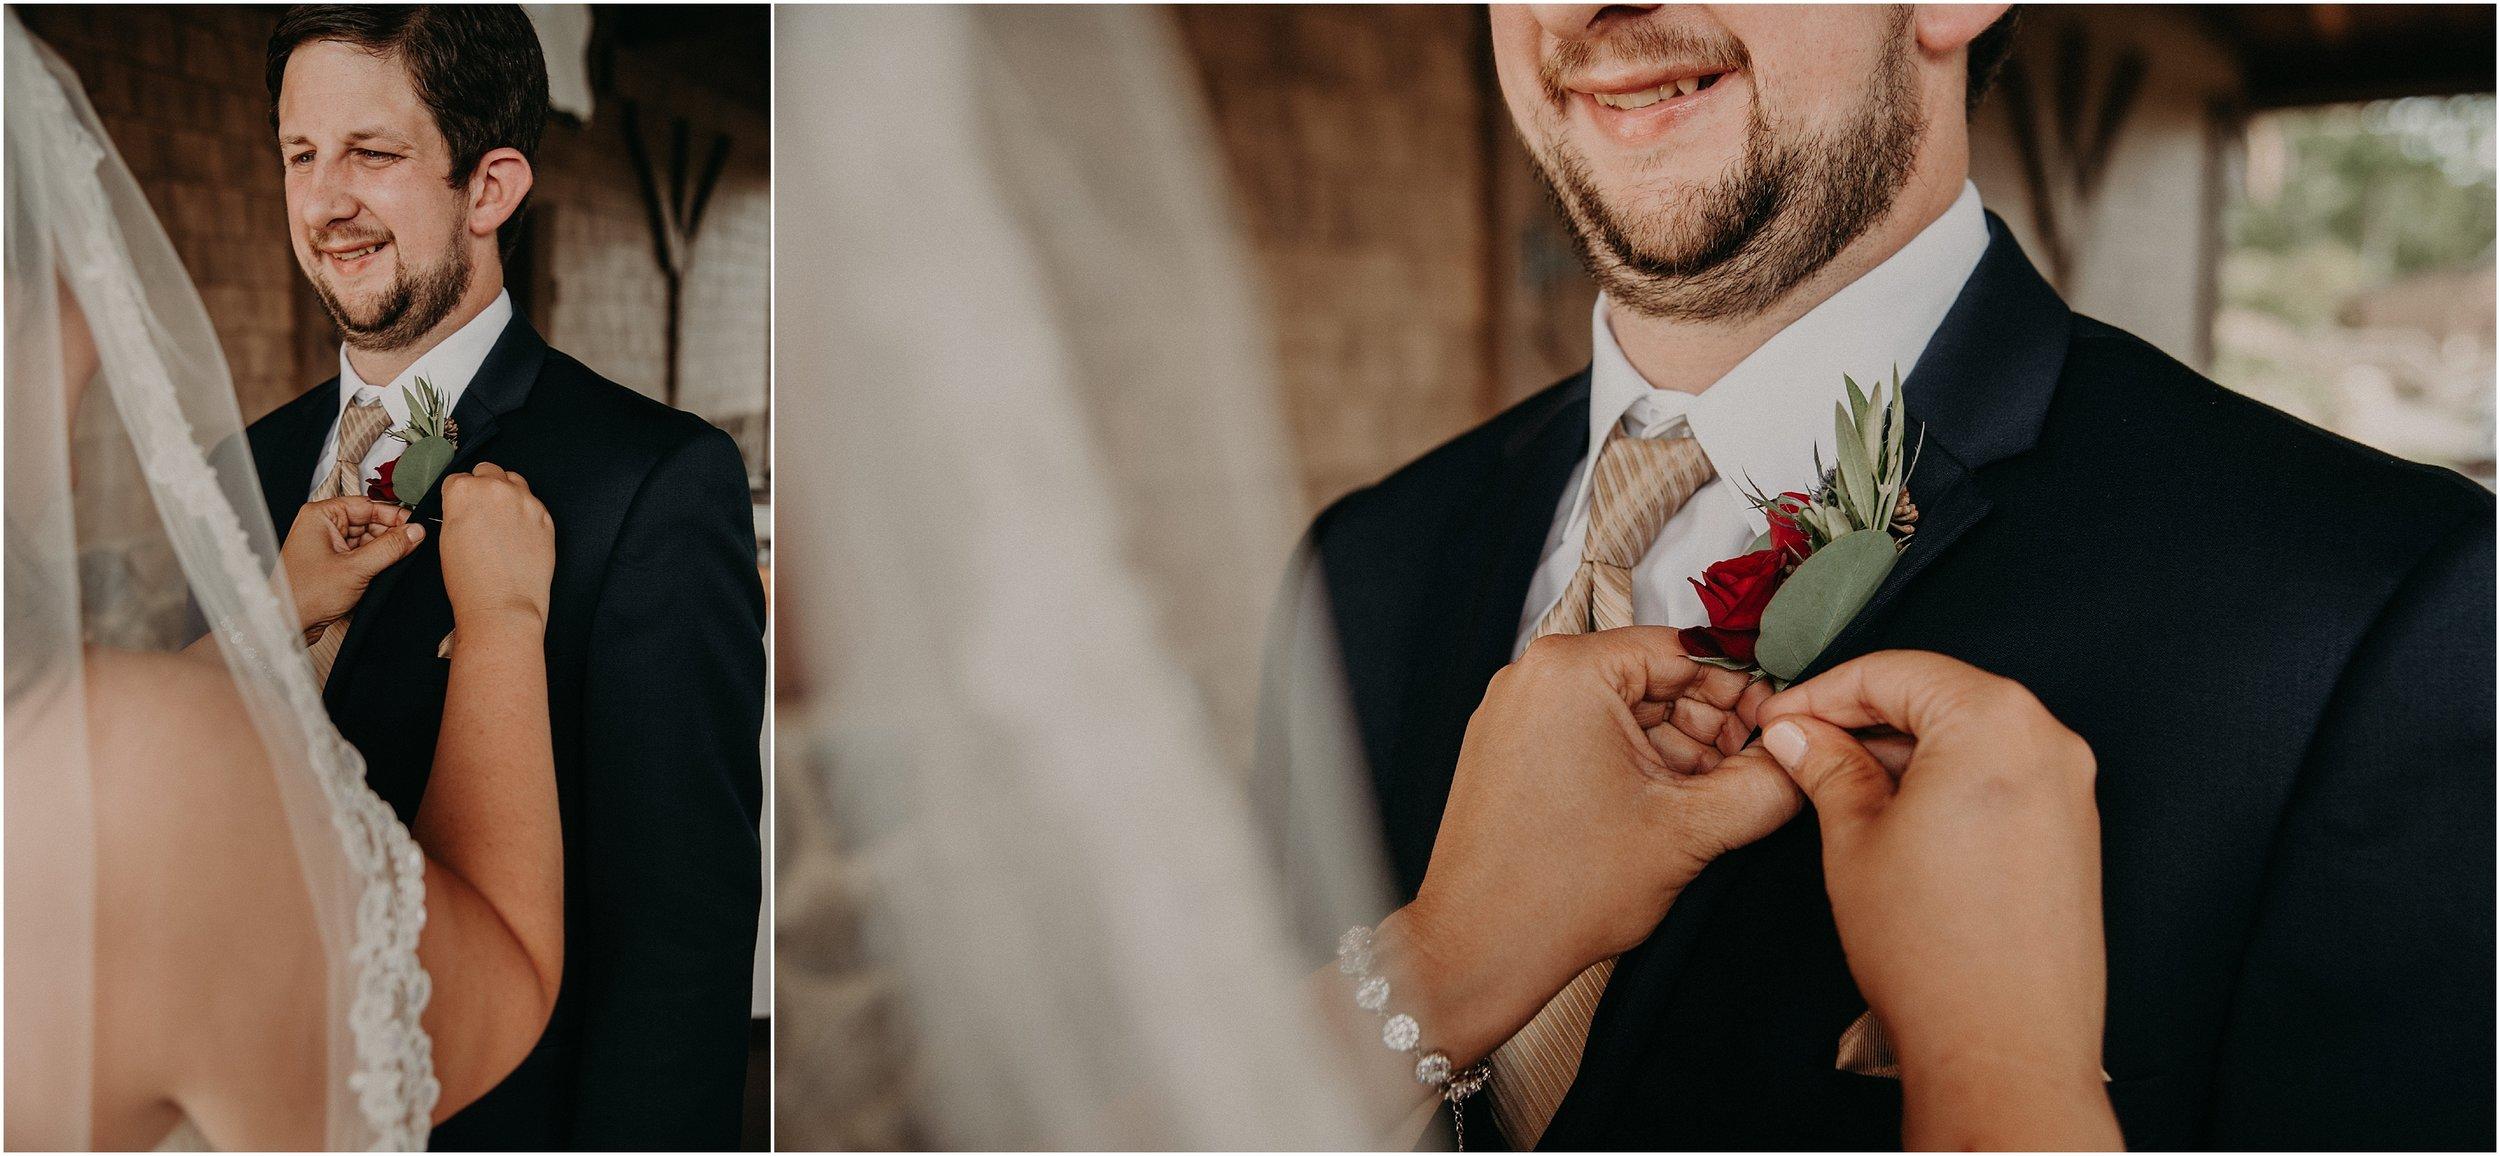 Bride pins groom's bouquet onto his suit lapel